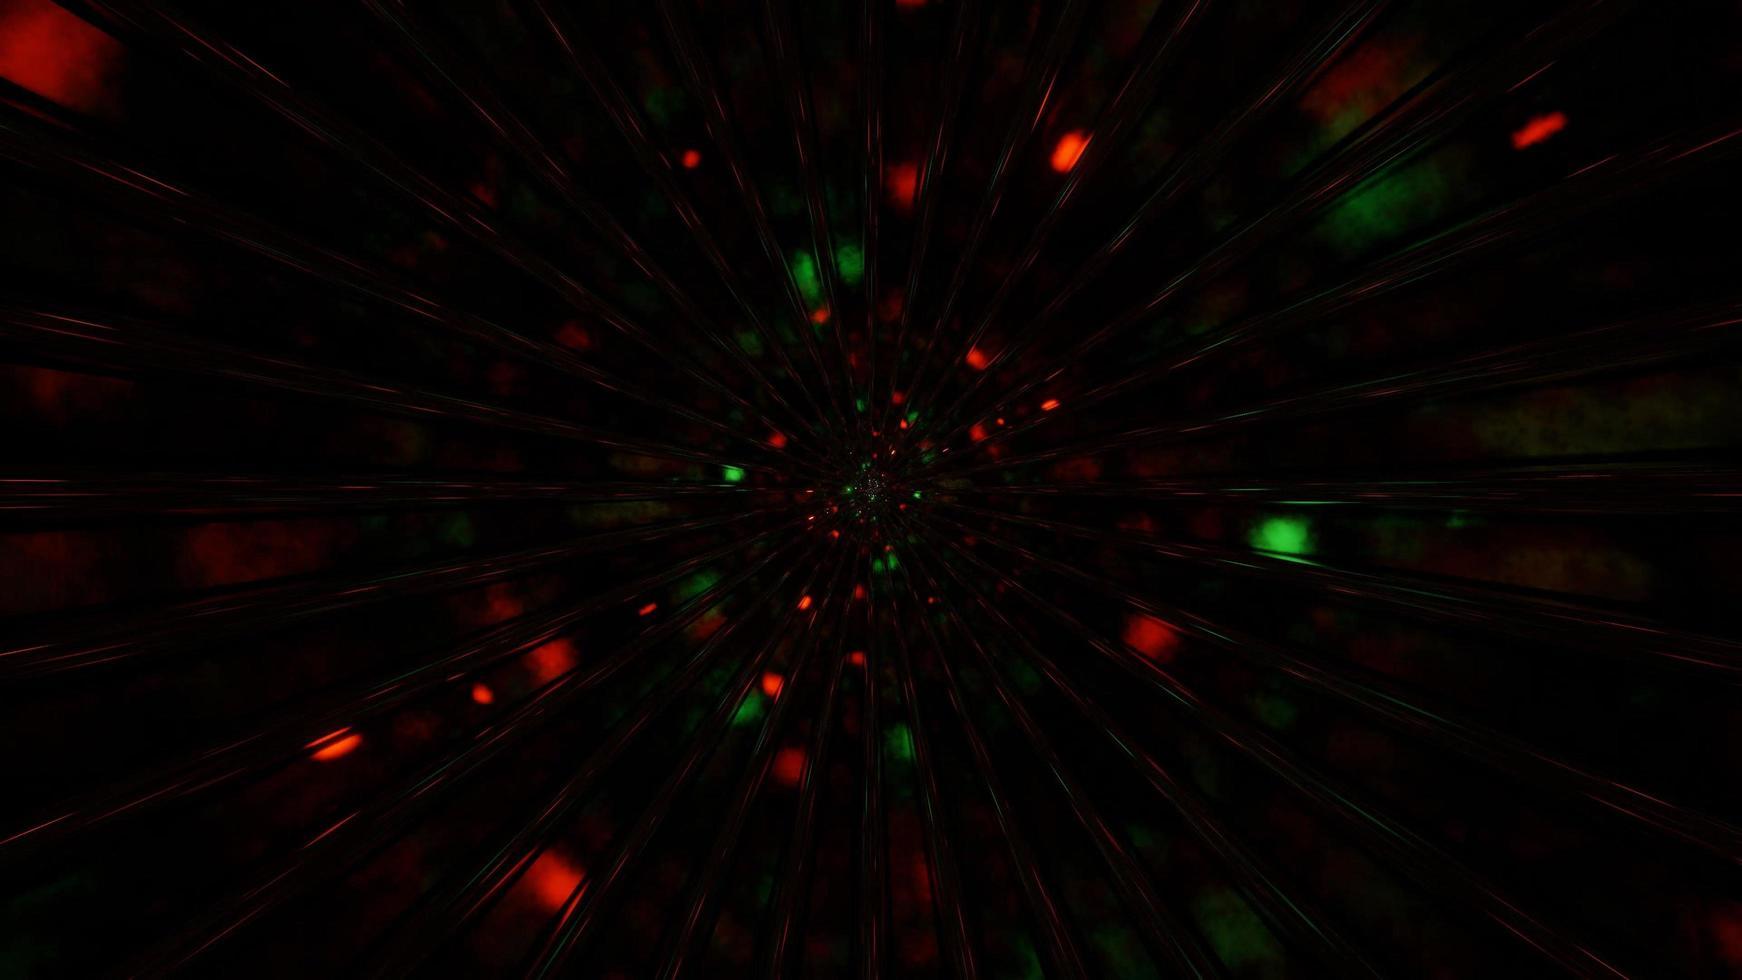 particelle spaziali veloci che volano attraverso uno sfondo di sfondo illustrazione 3d foto